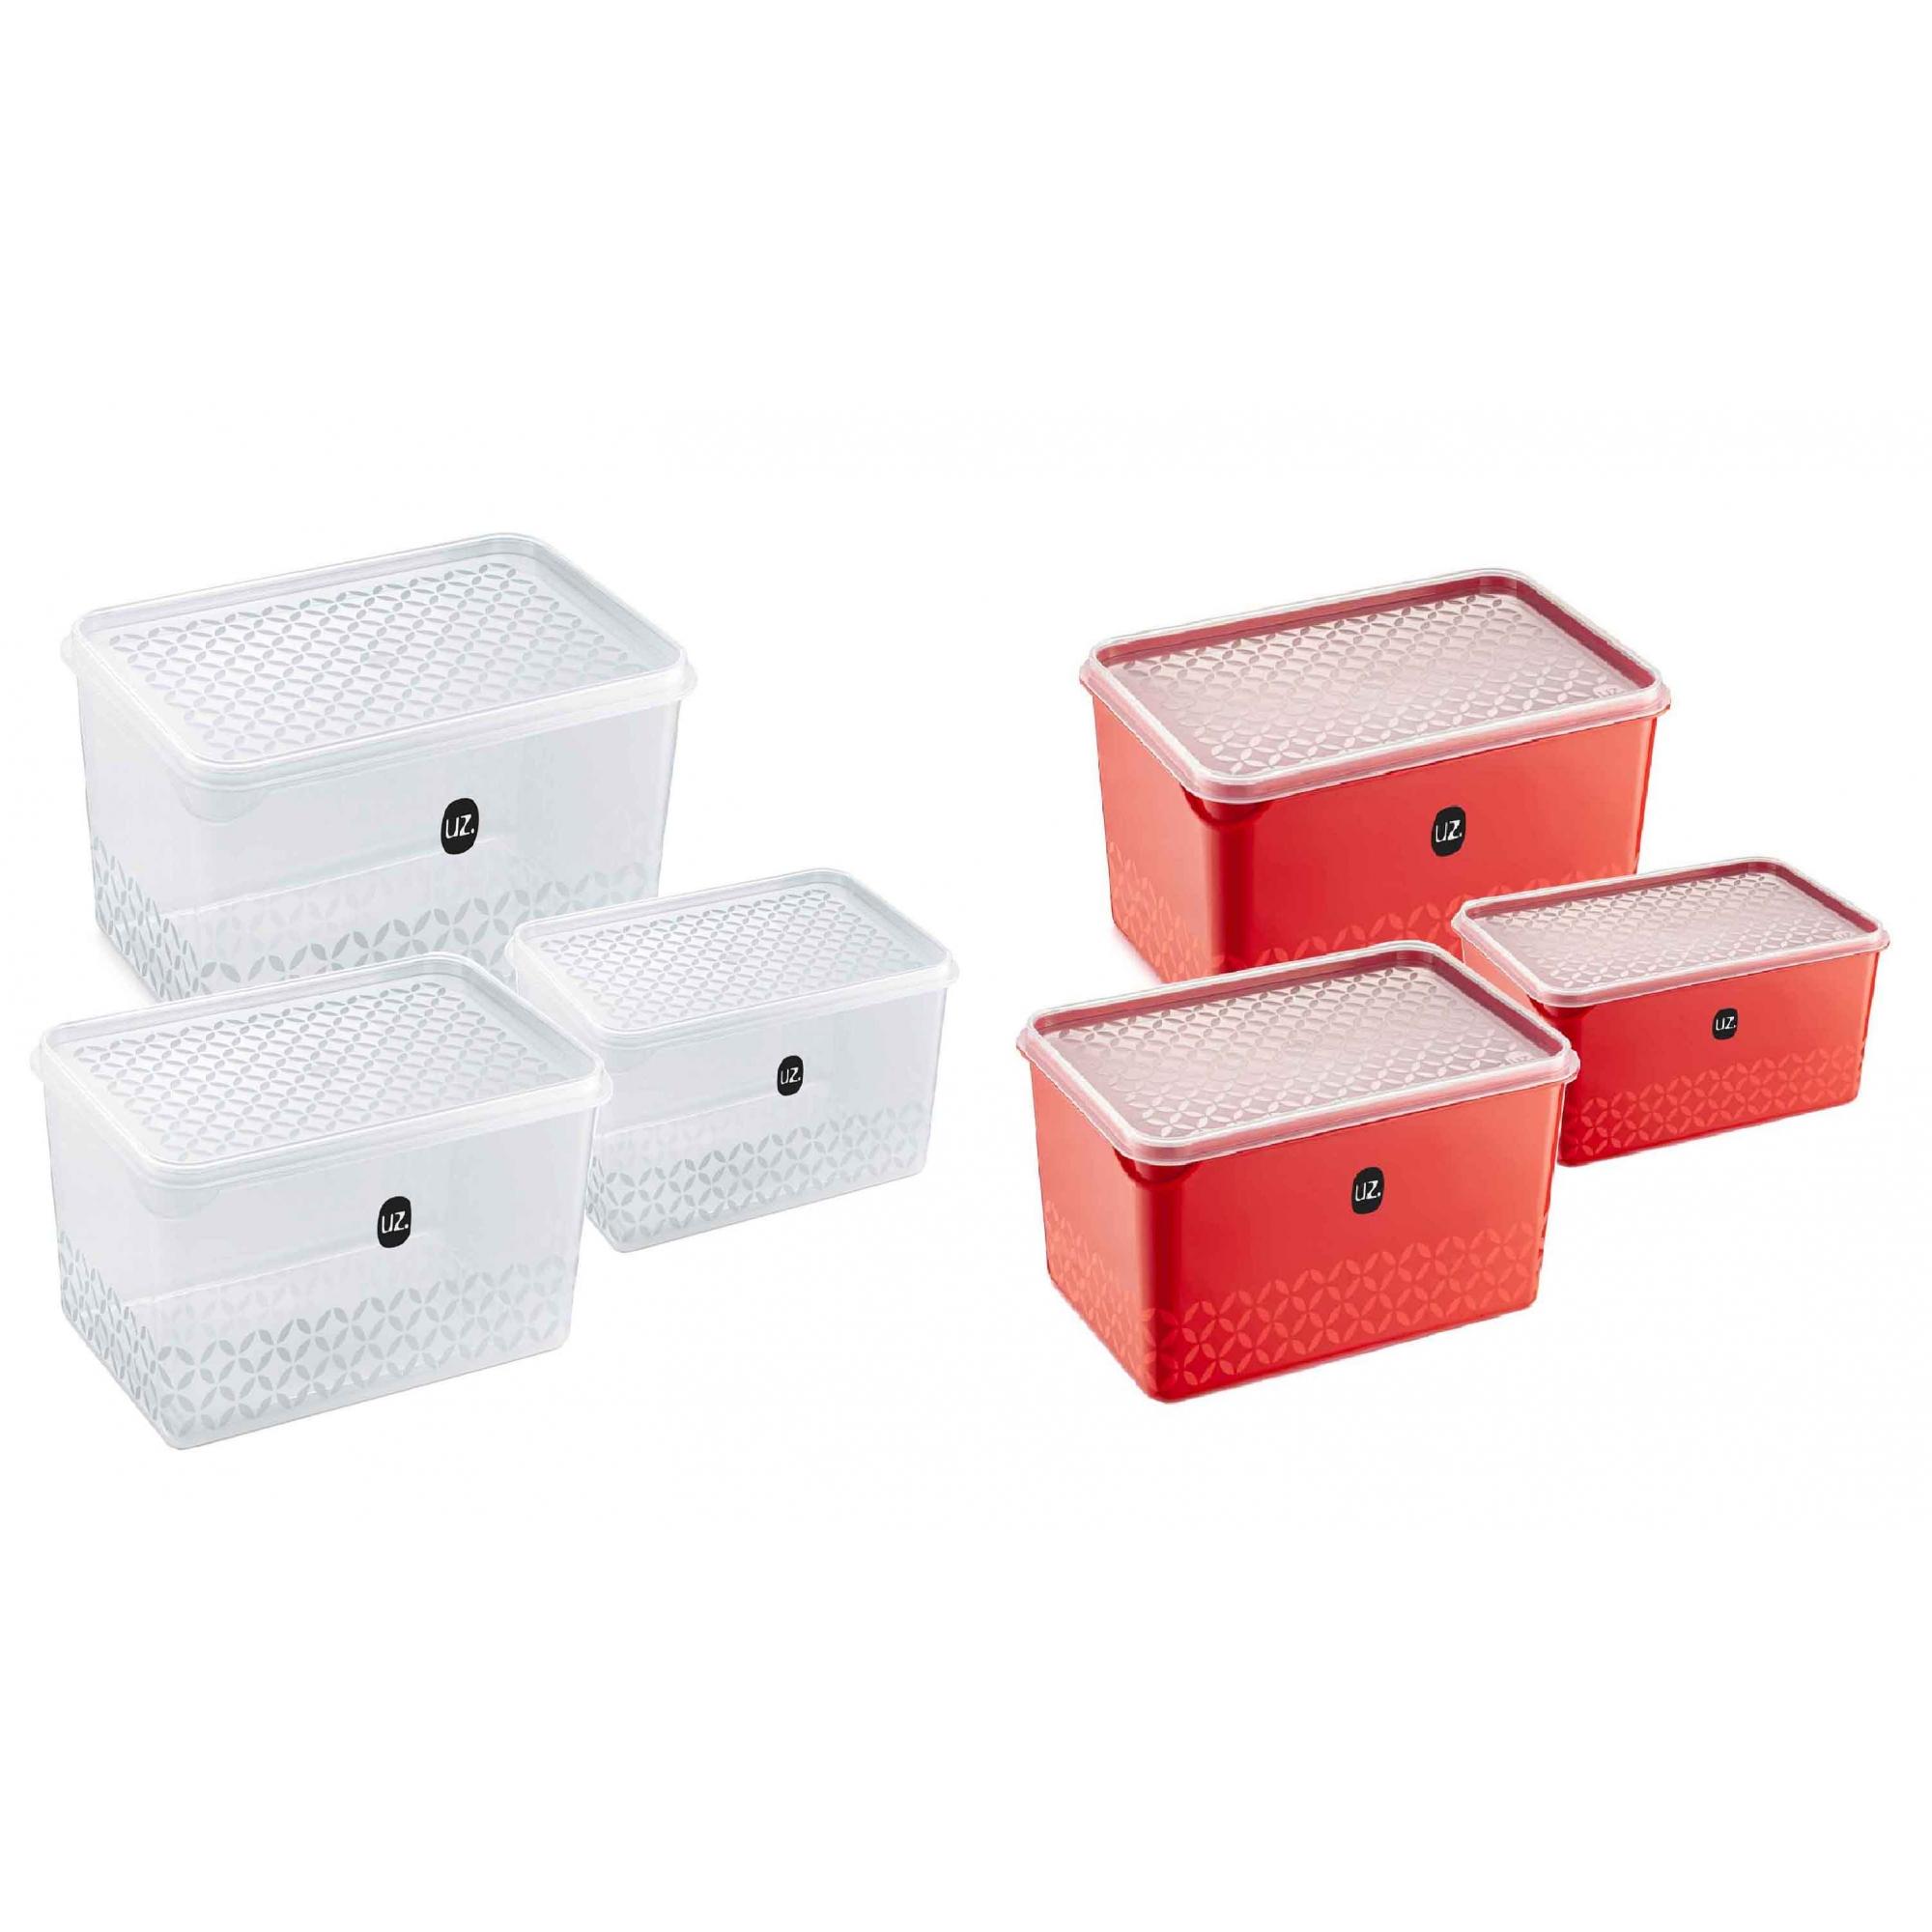 Jogo de Potes Porta Mantimentos Quadrado Plástico 3 Peças UZ